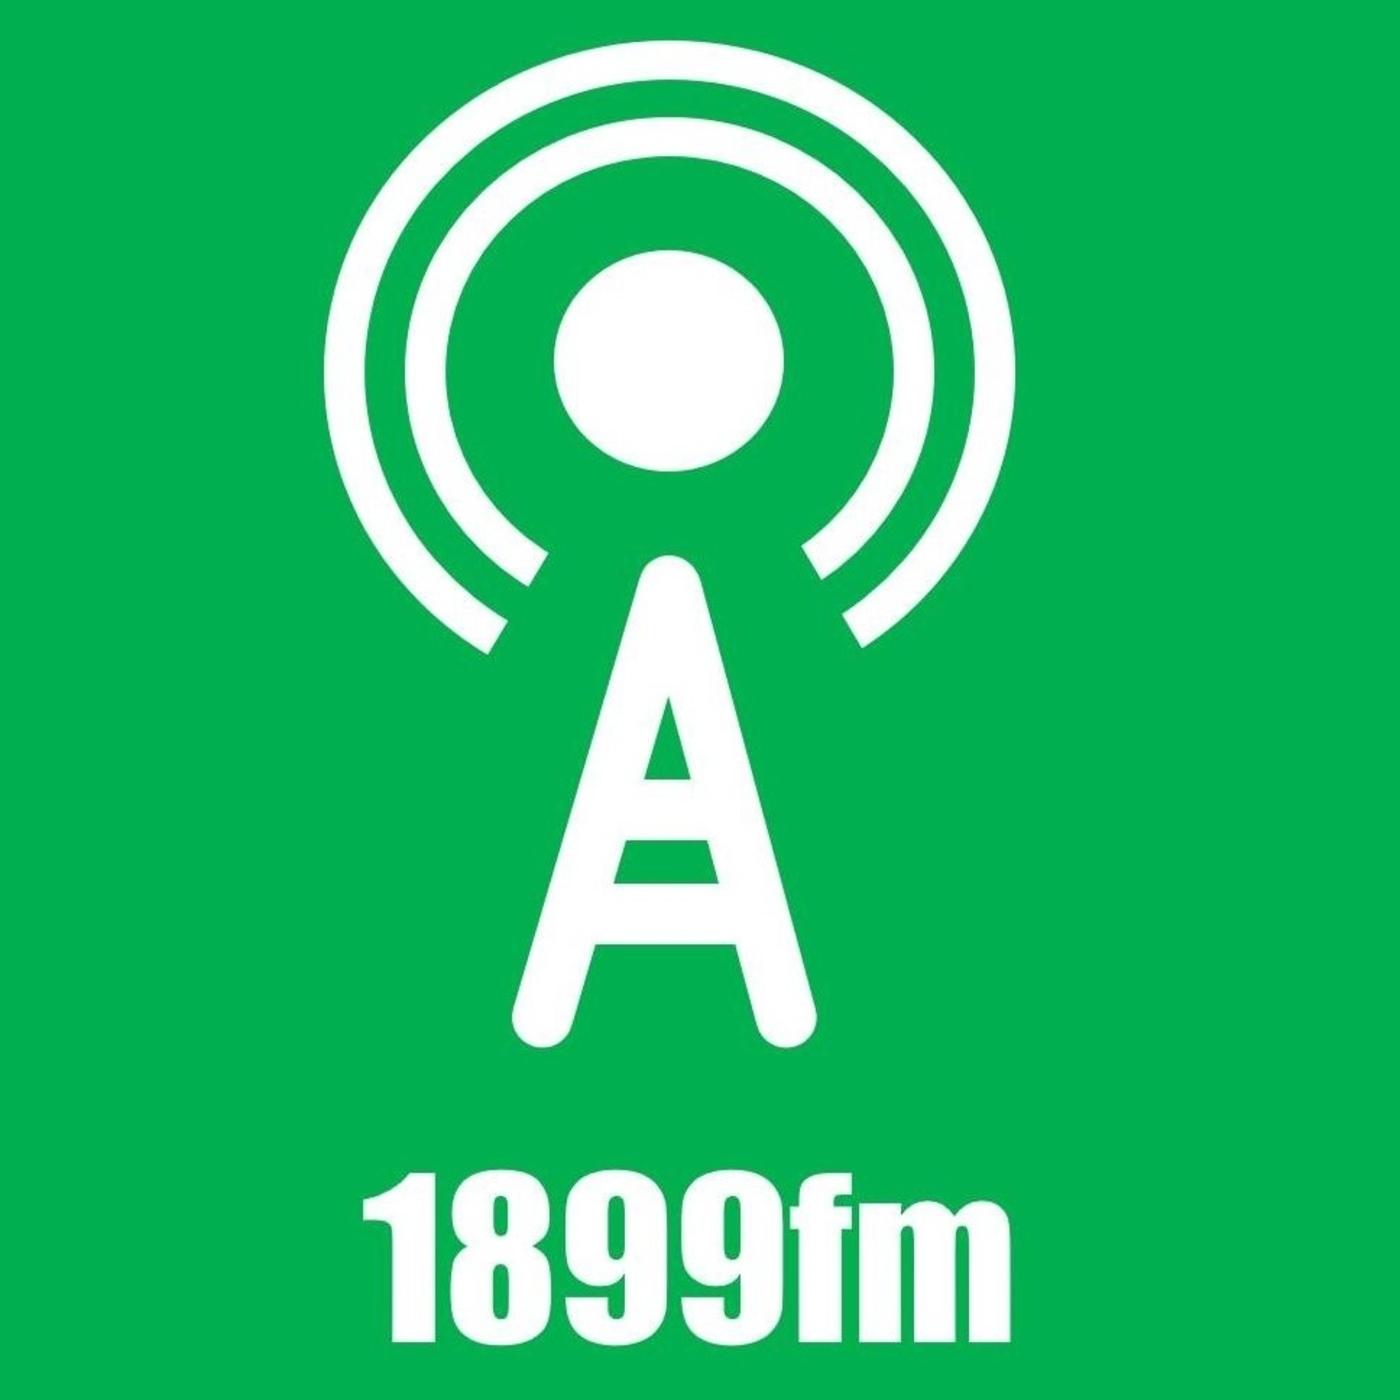 1899fm logo